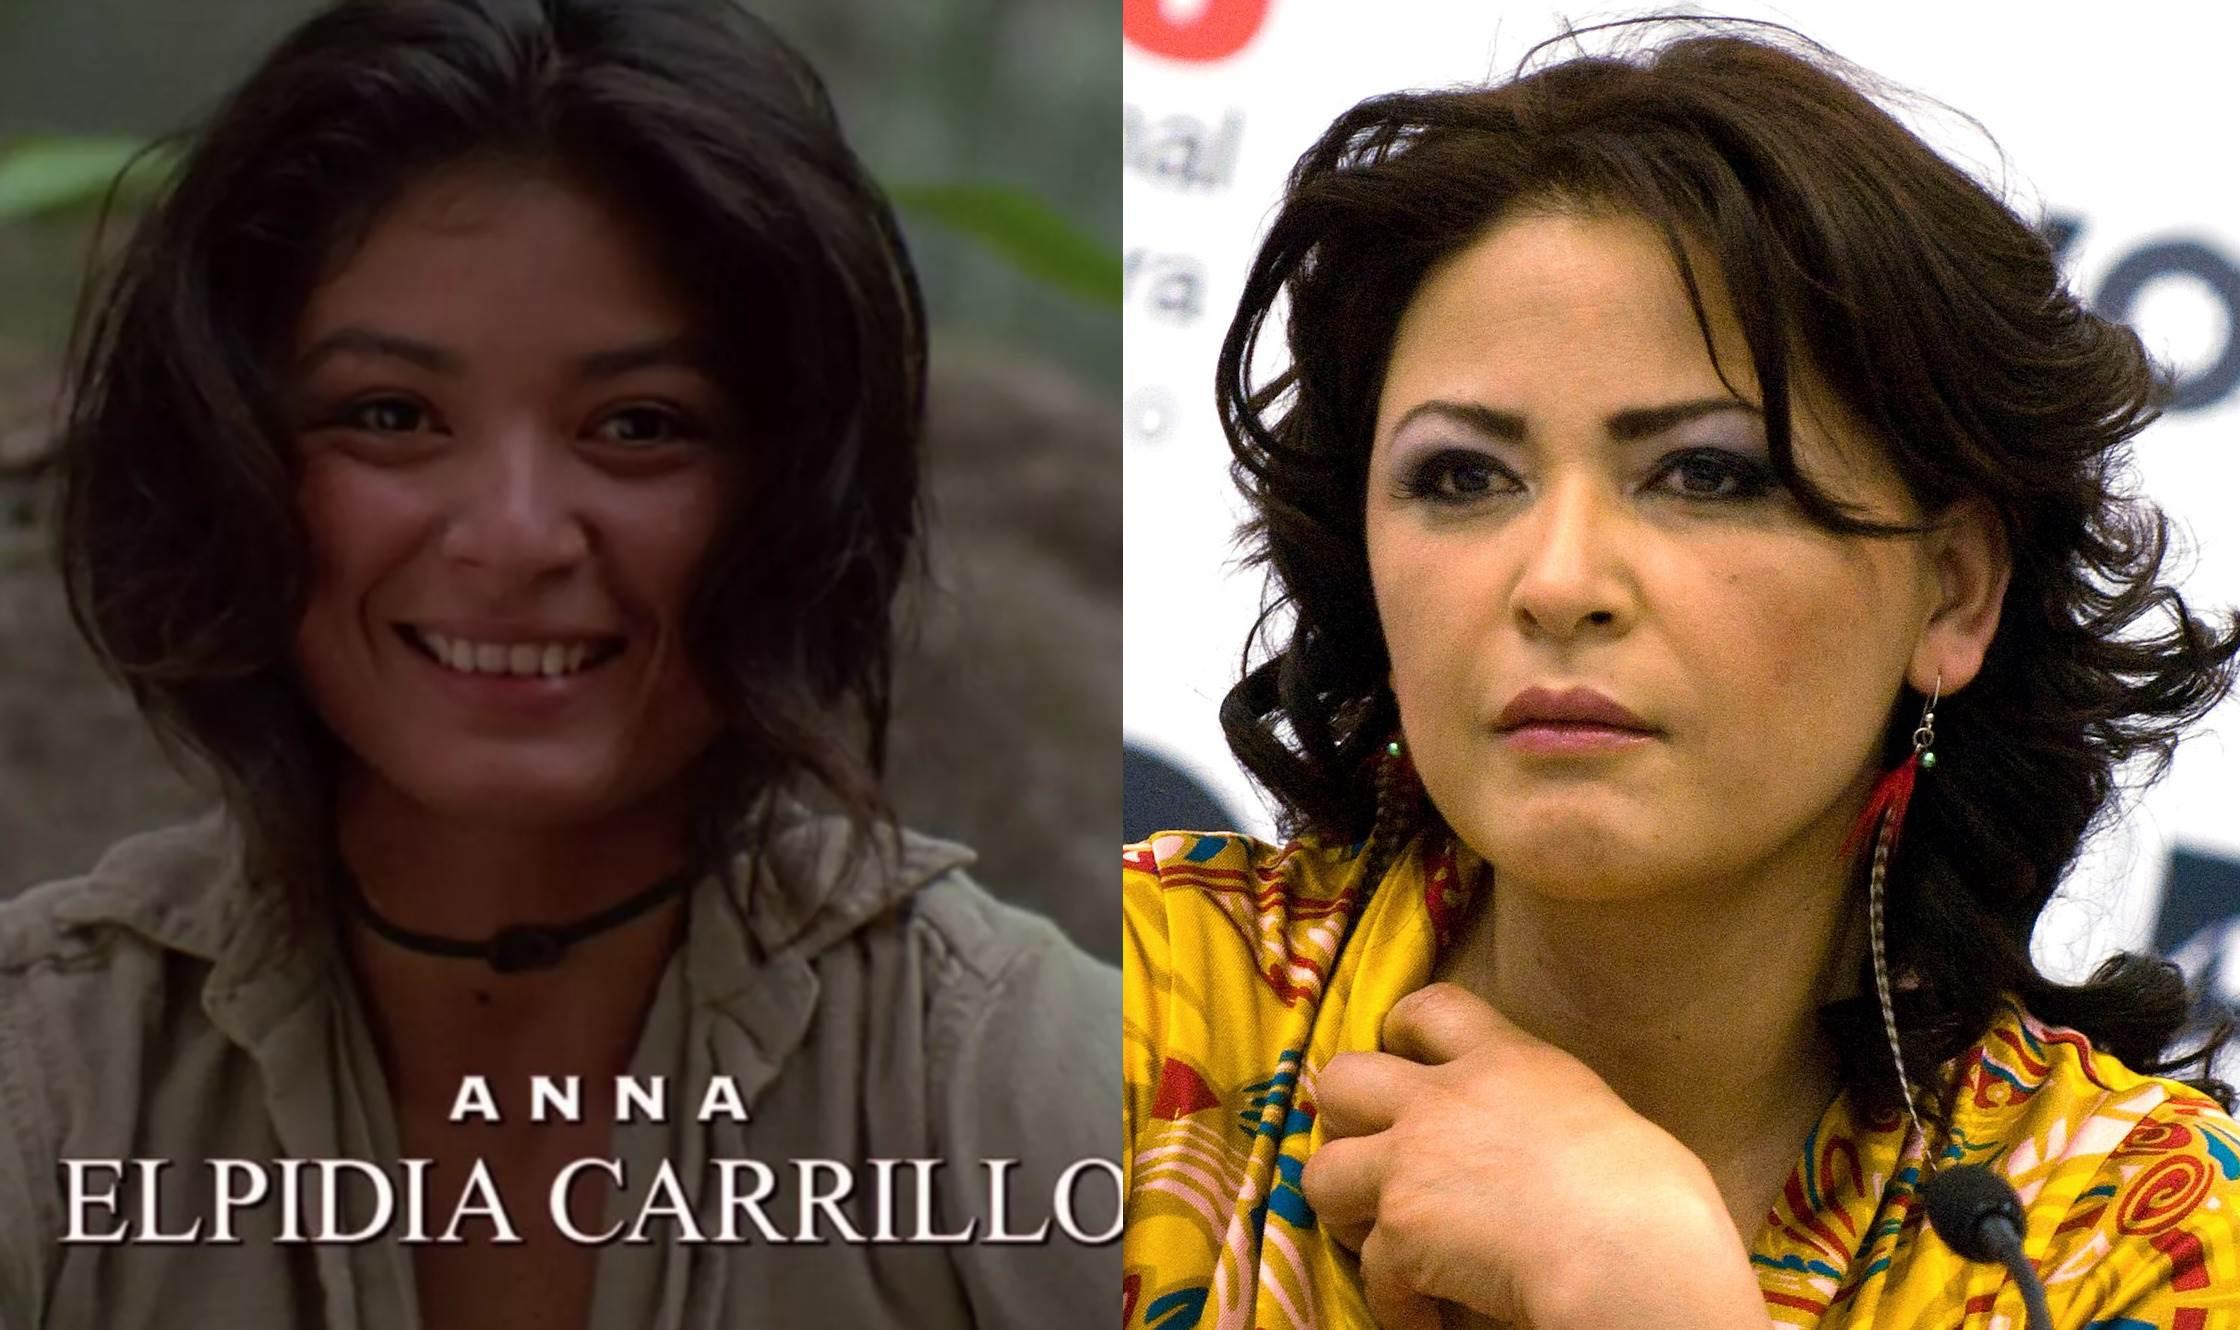 Актриса из «Хищника» Эльпидия Каррильо тогда и сейчас фото